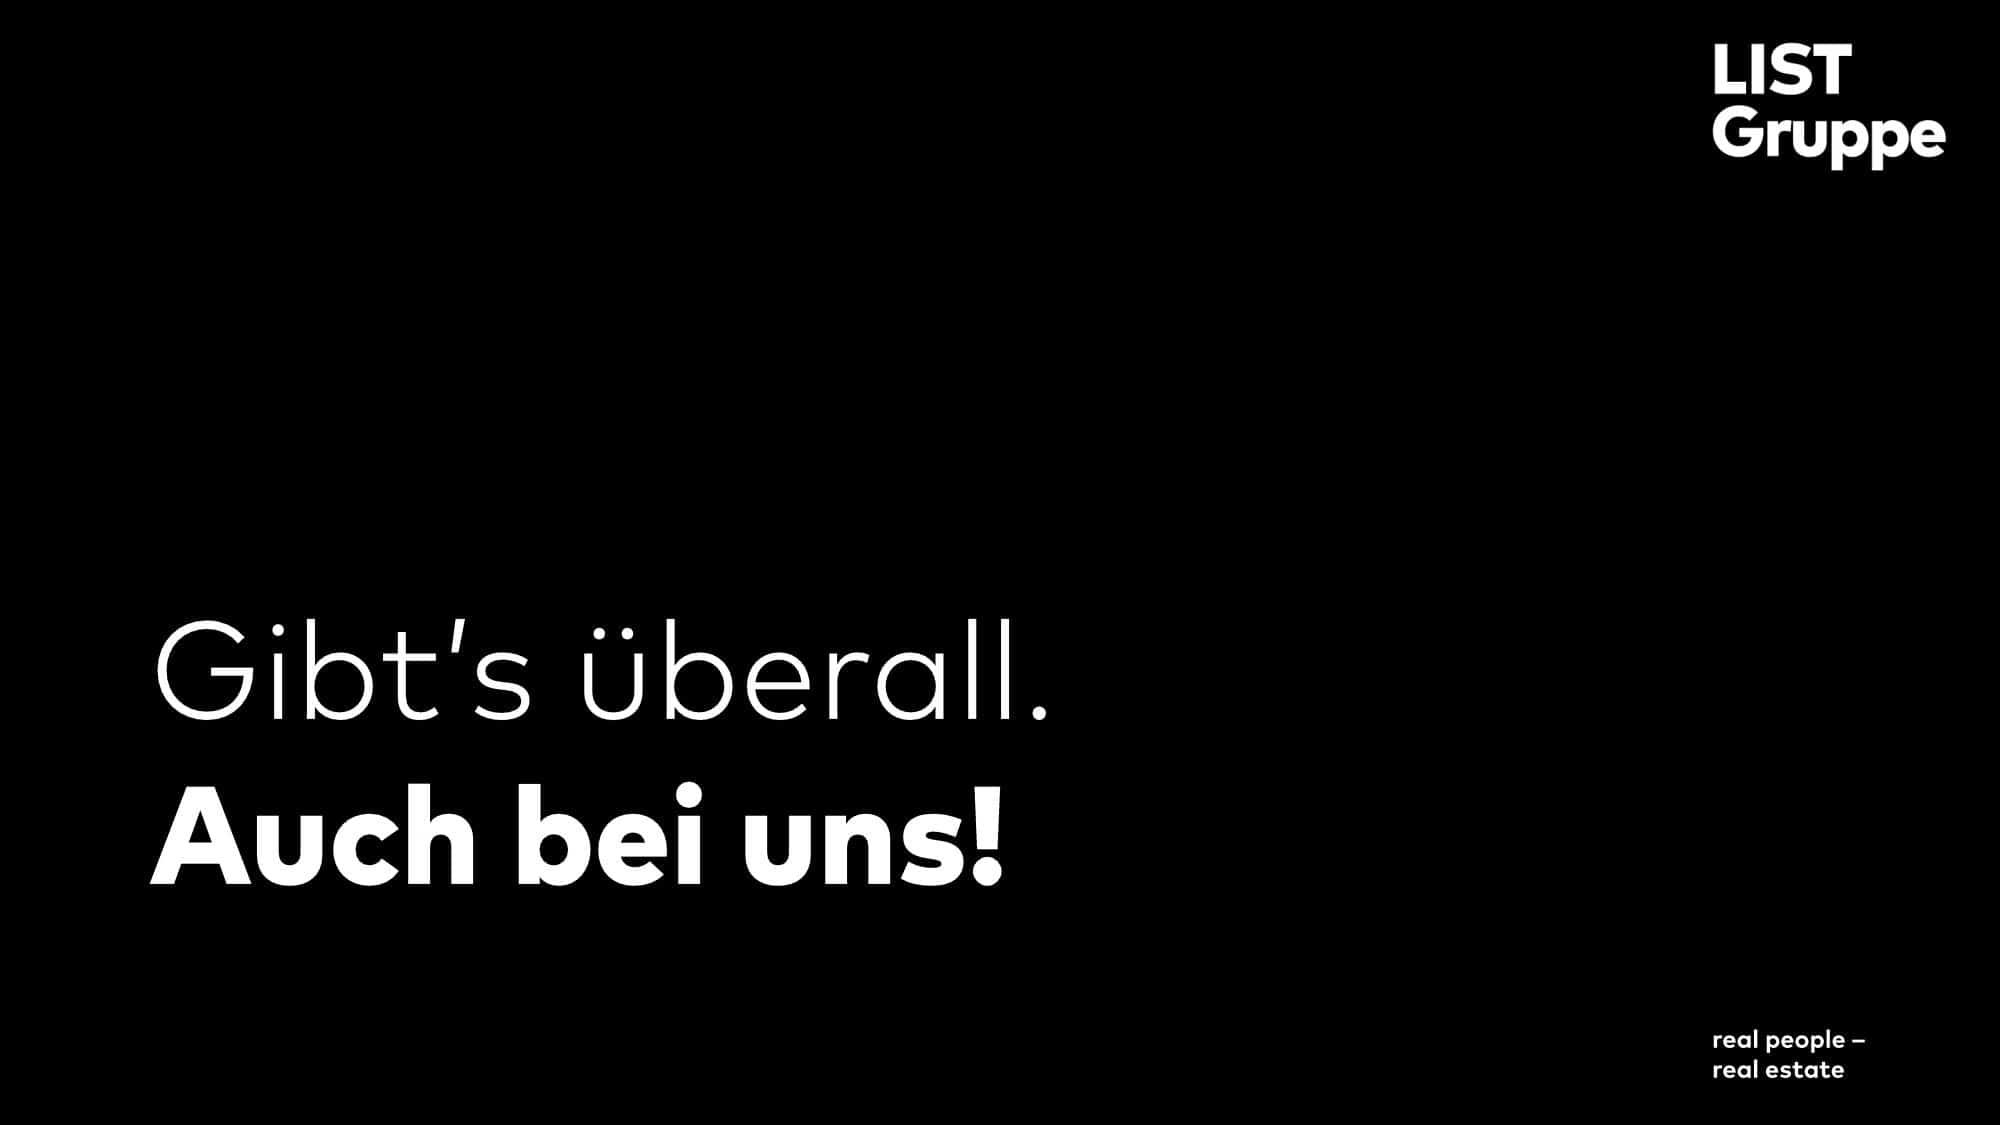 #FANGBEILISTAN-LIST-Gruppe_page_5